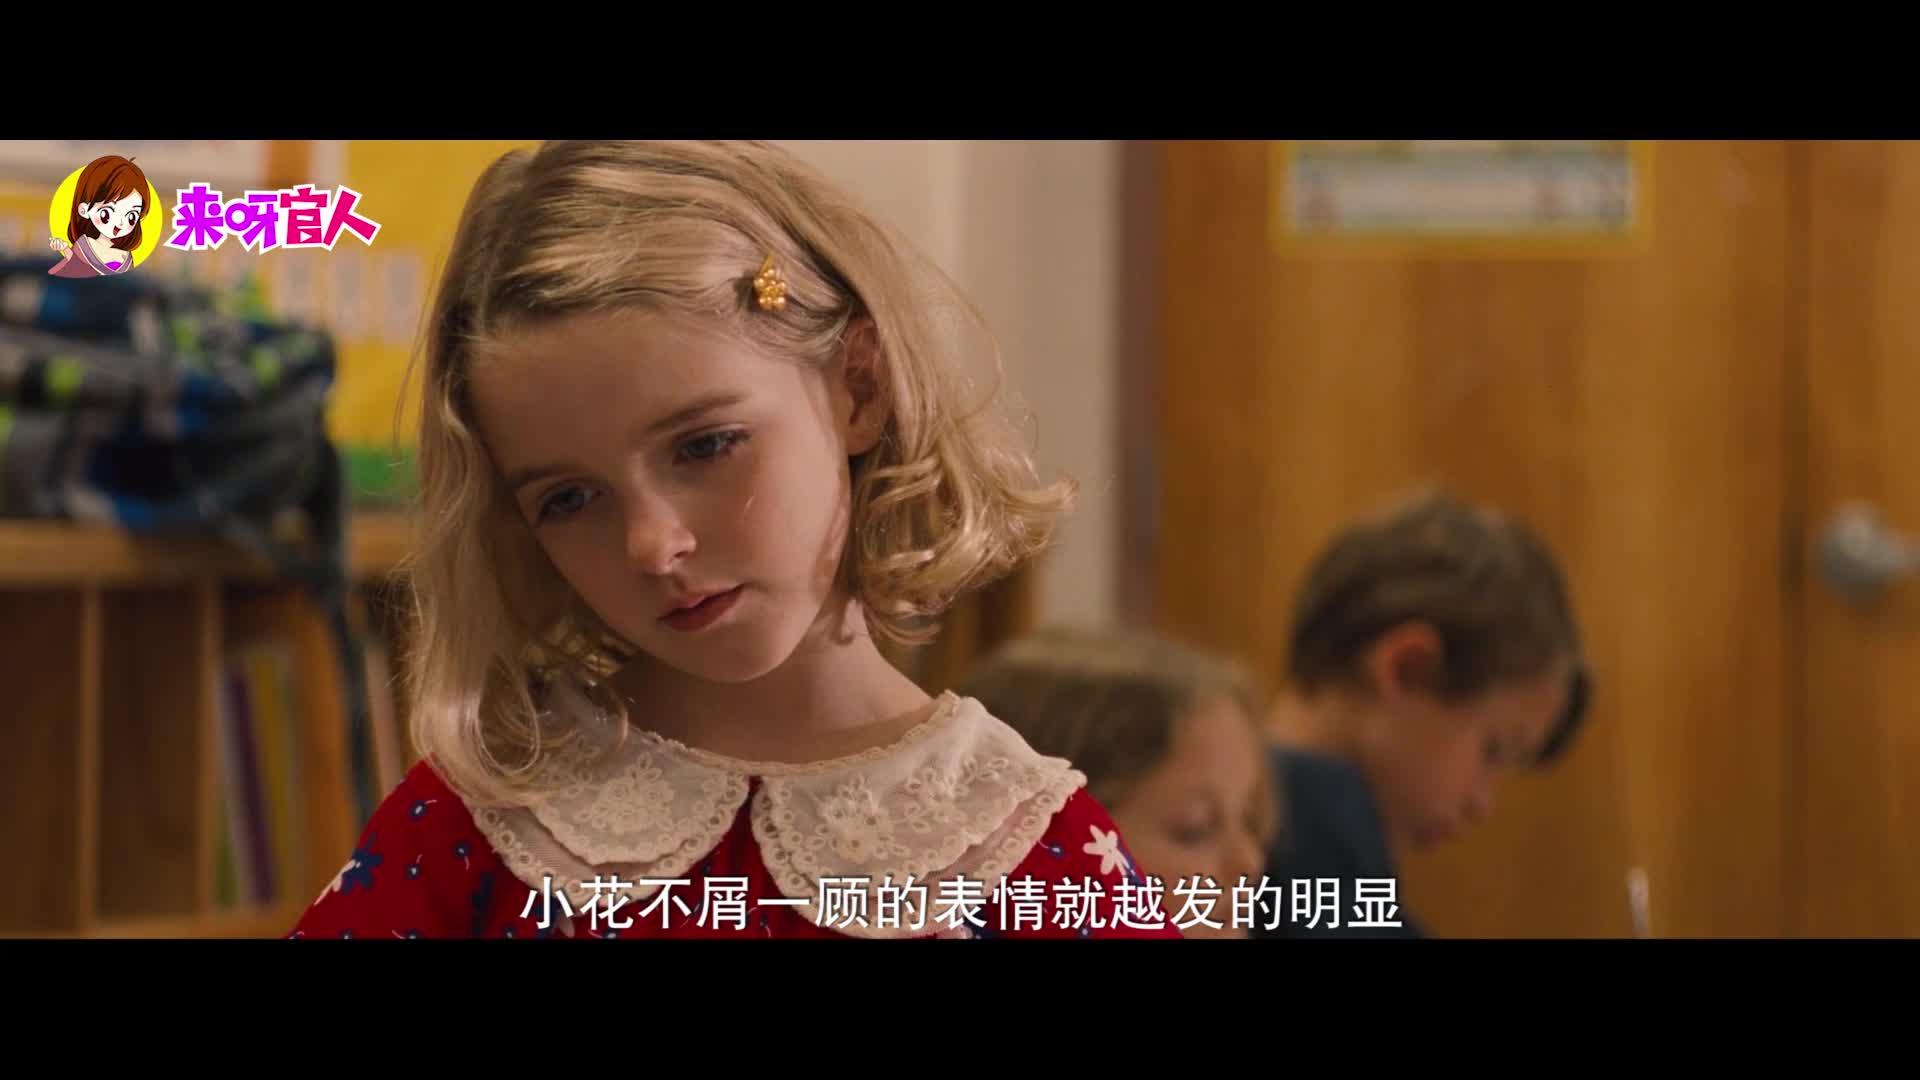 #追剧不能停#7岁女孩说老师教的太简单,接着老师彻底服了!电影《天才少女》